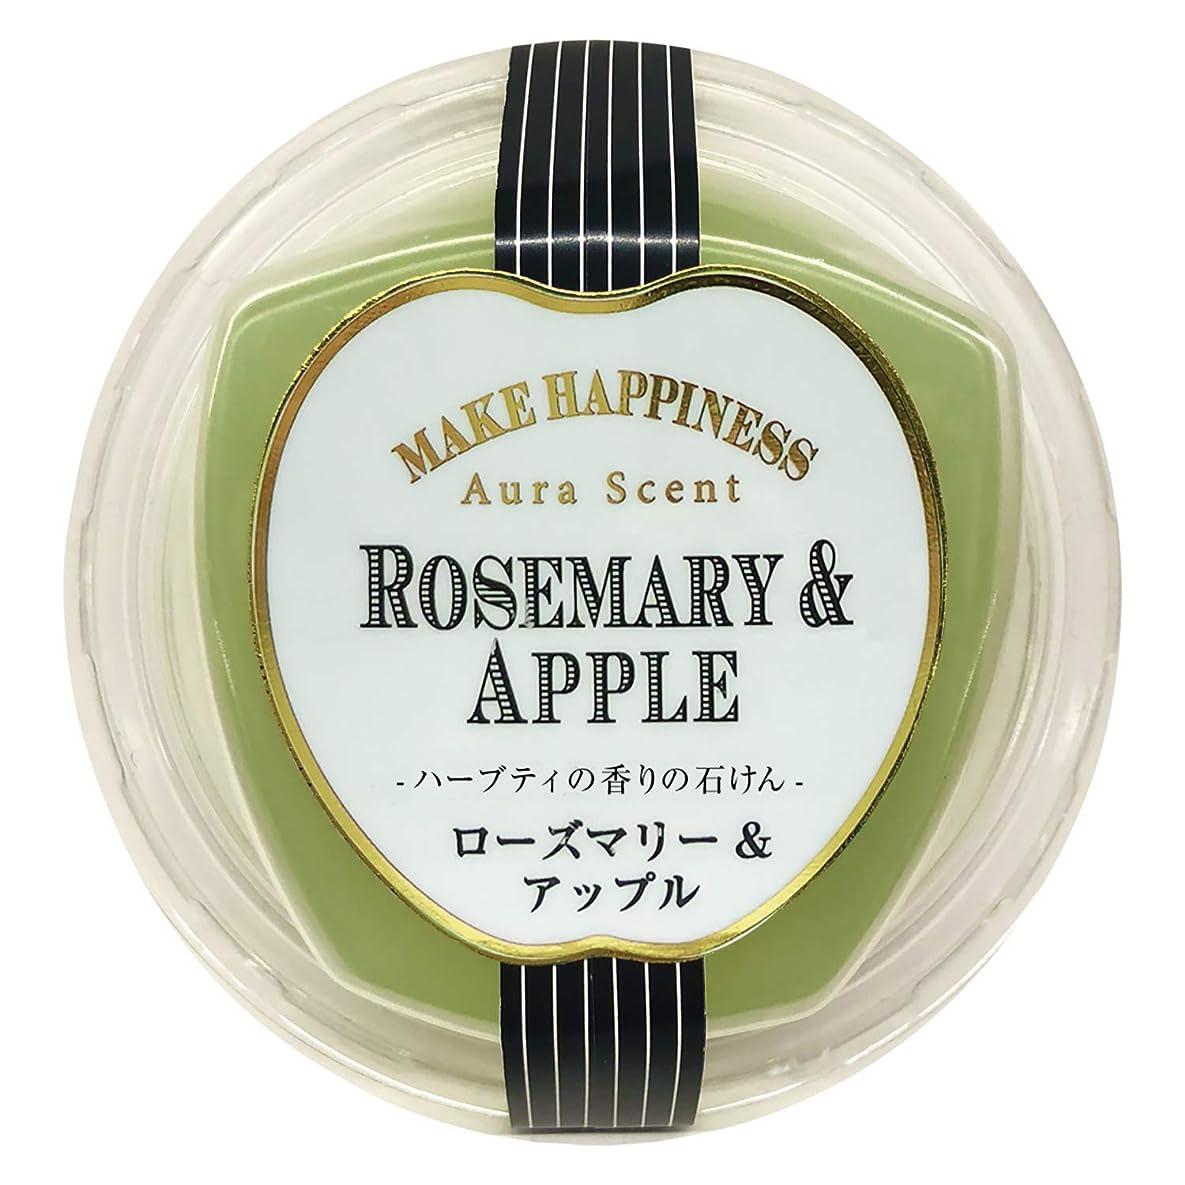 適切に人口見出しペリカン石鹸 オーラセント クリアソープ ローズマリー&アップル 75g